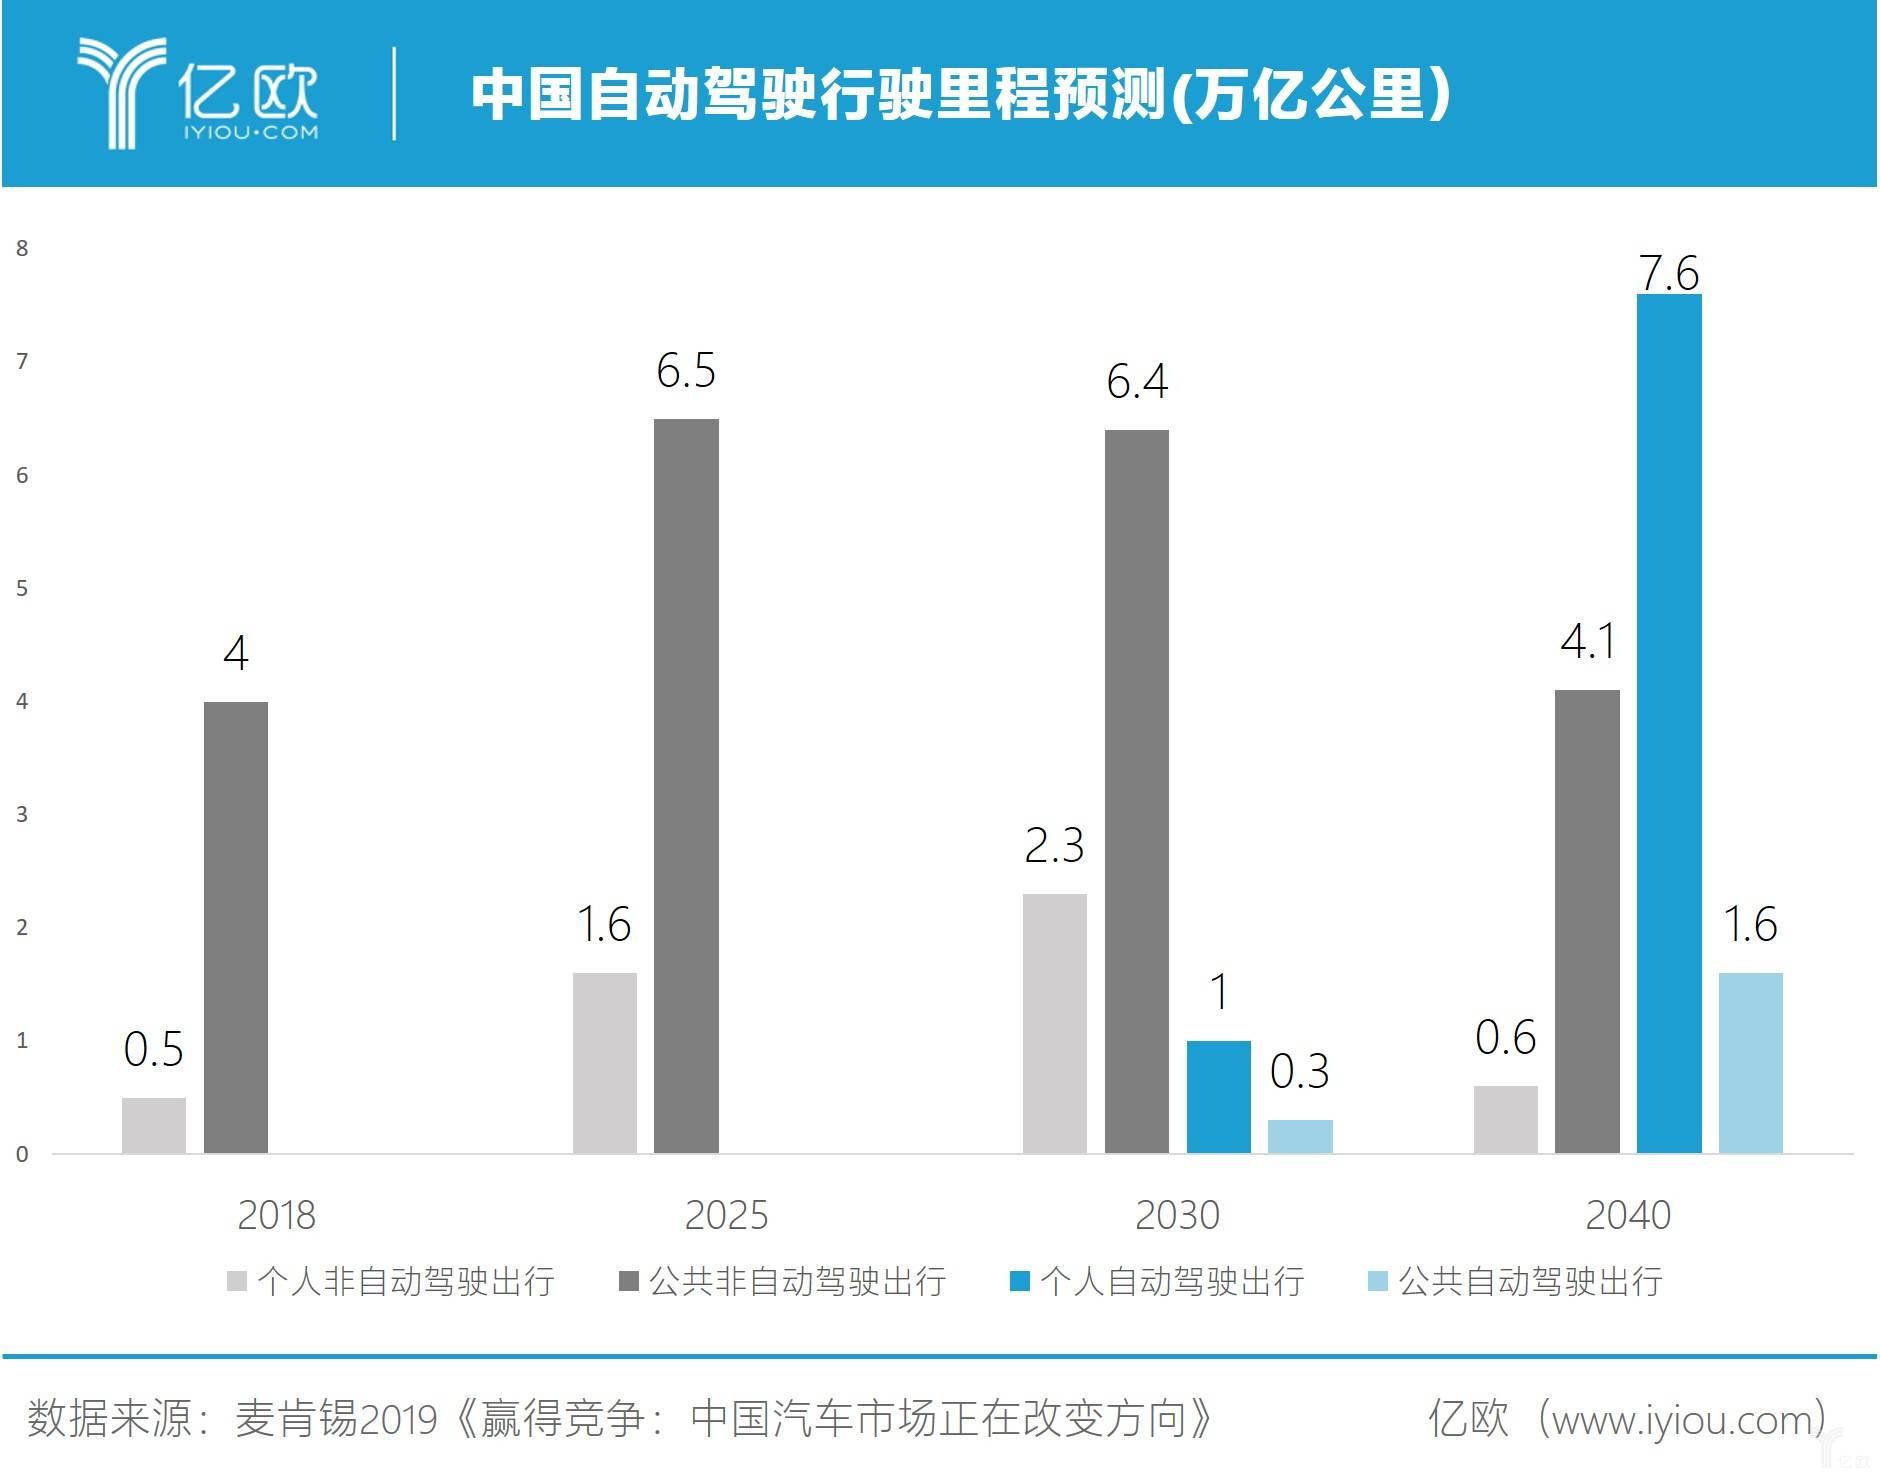 中国自动驾驶行驶里程预测